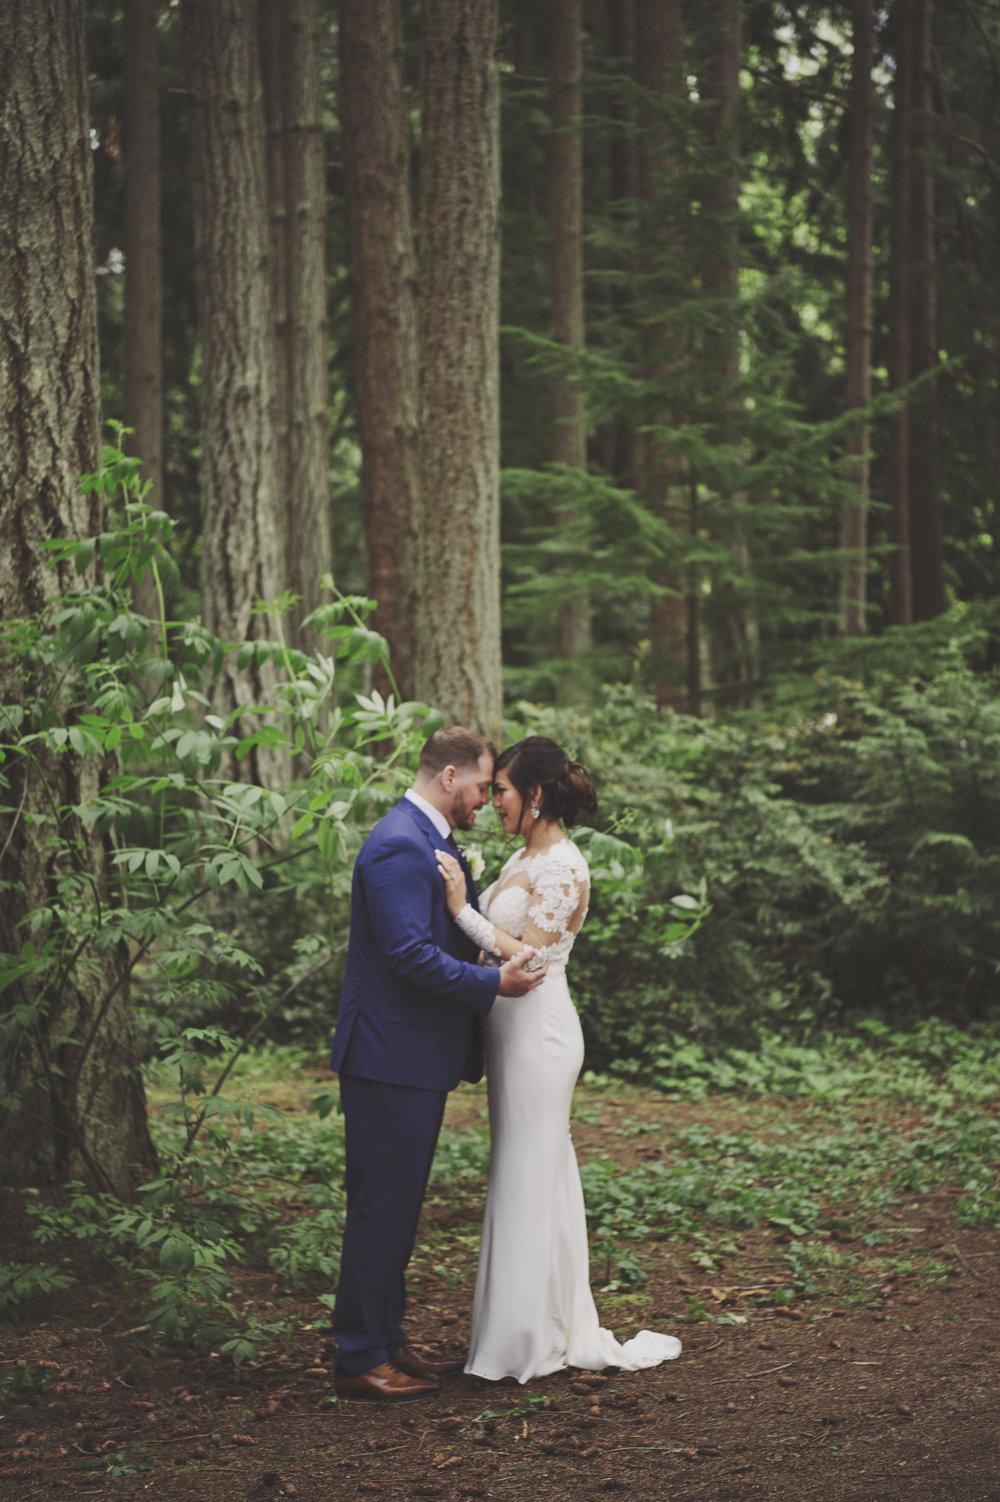 Kim La Plante + Nick Samet_Poulsbo Wedding_Kitsap Memorial Park Wedding_Kelsey Lane Photography-9654 copy.jpg